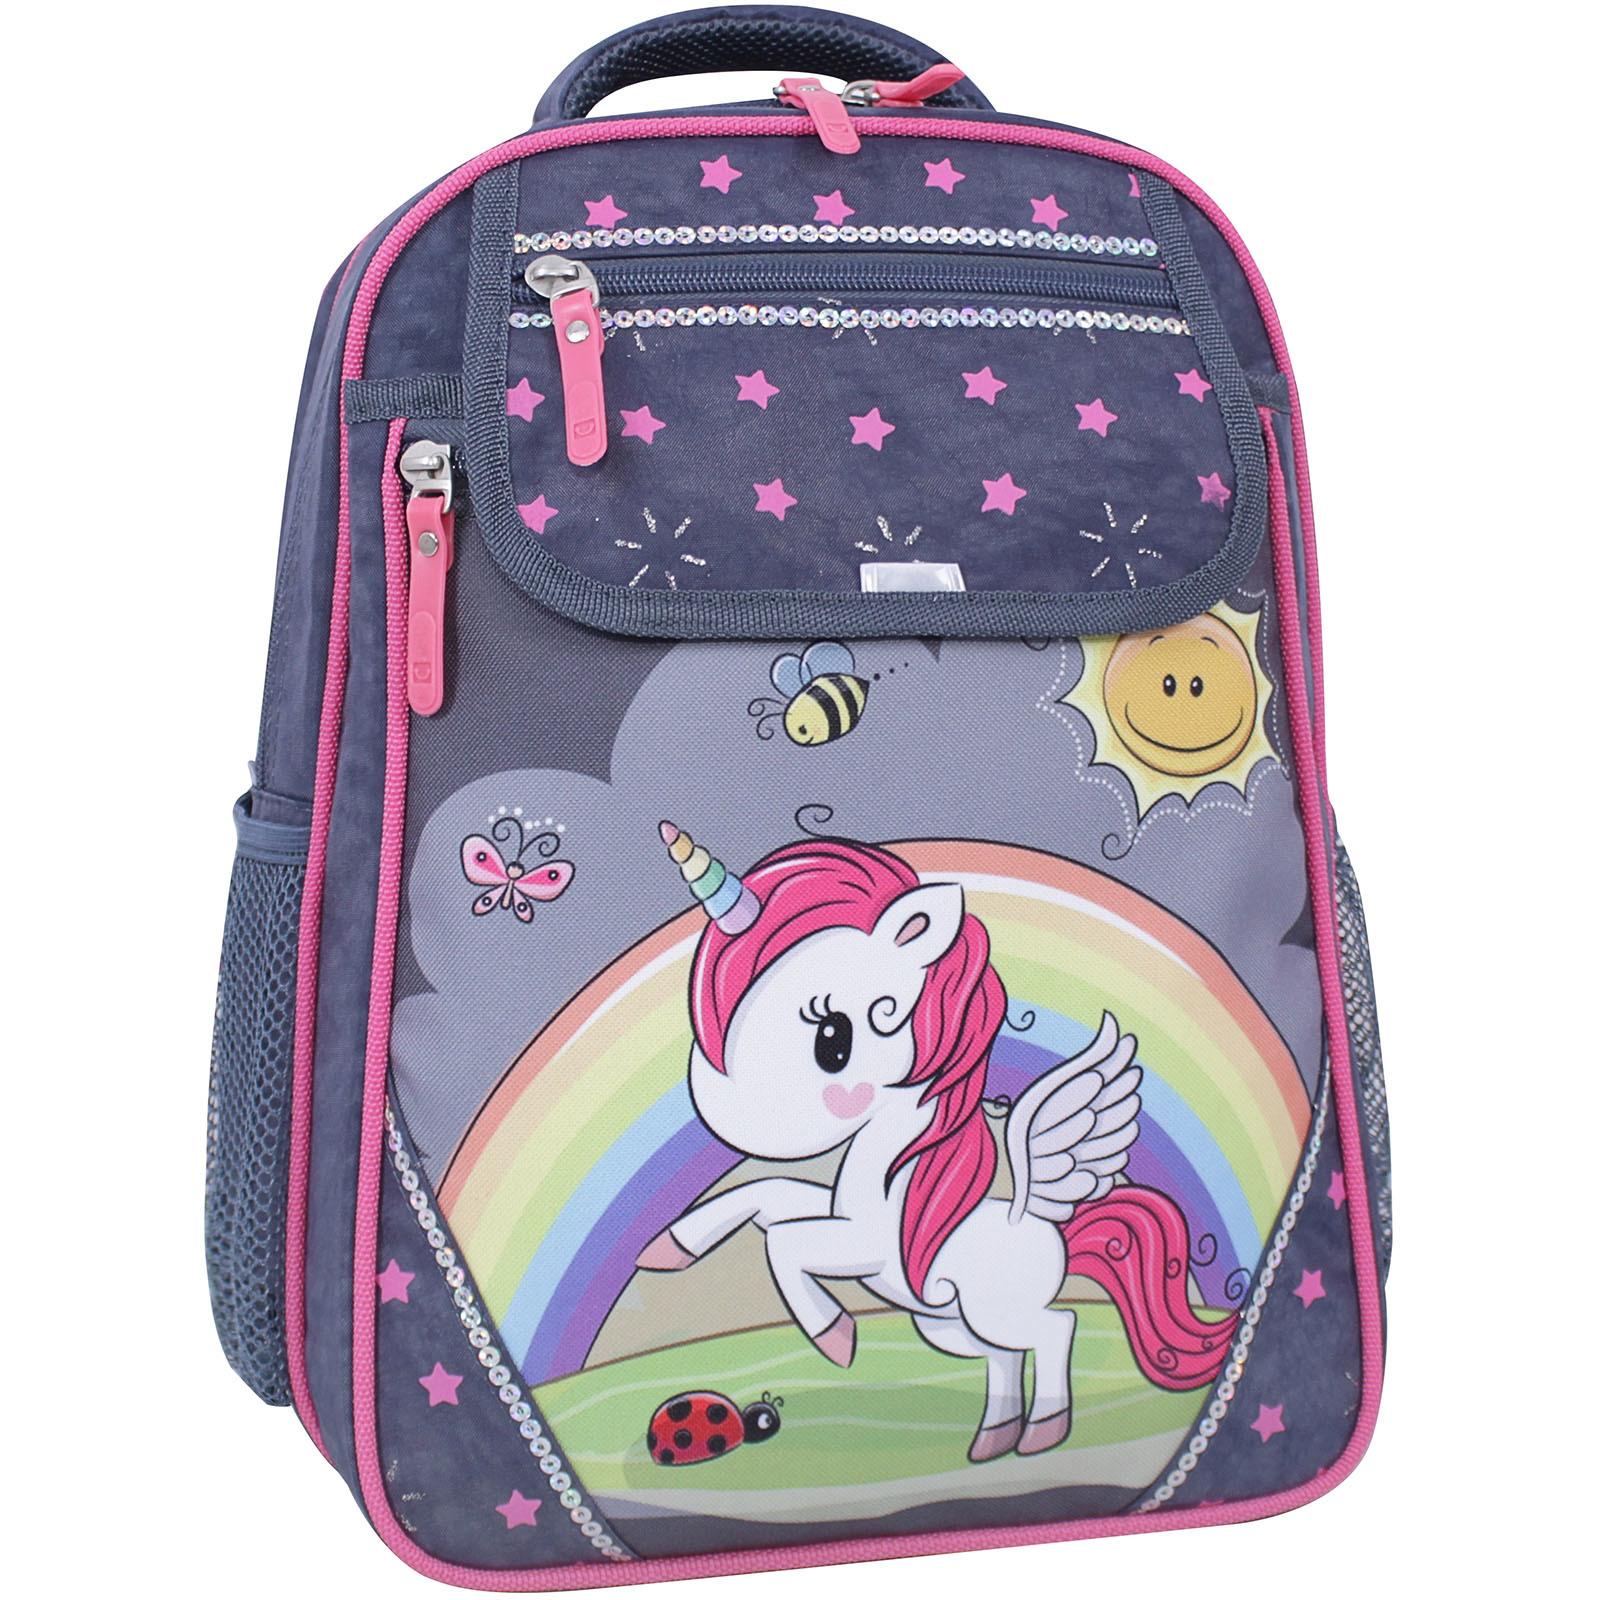 Школьные рюкзаки Рюкзак школьный Bagland Отличник 20 л. 321 серый 680 (0058070) IMG_1184суб.680.jpg